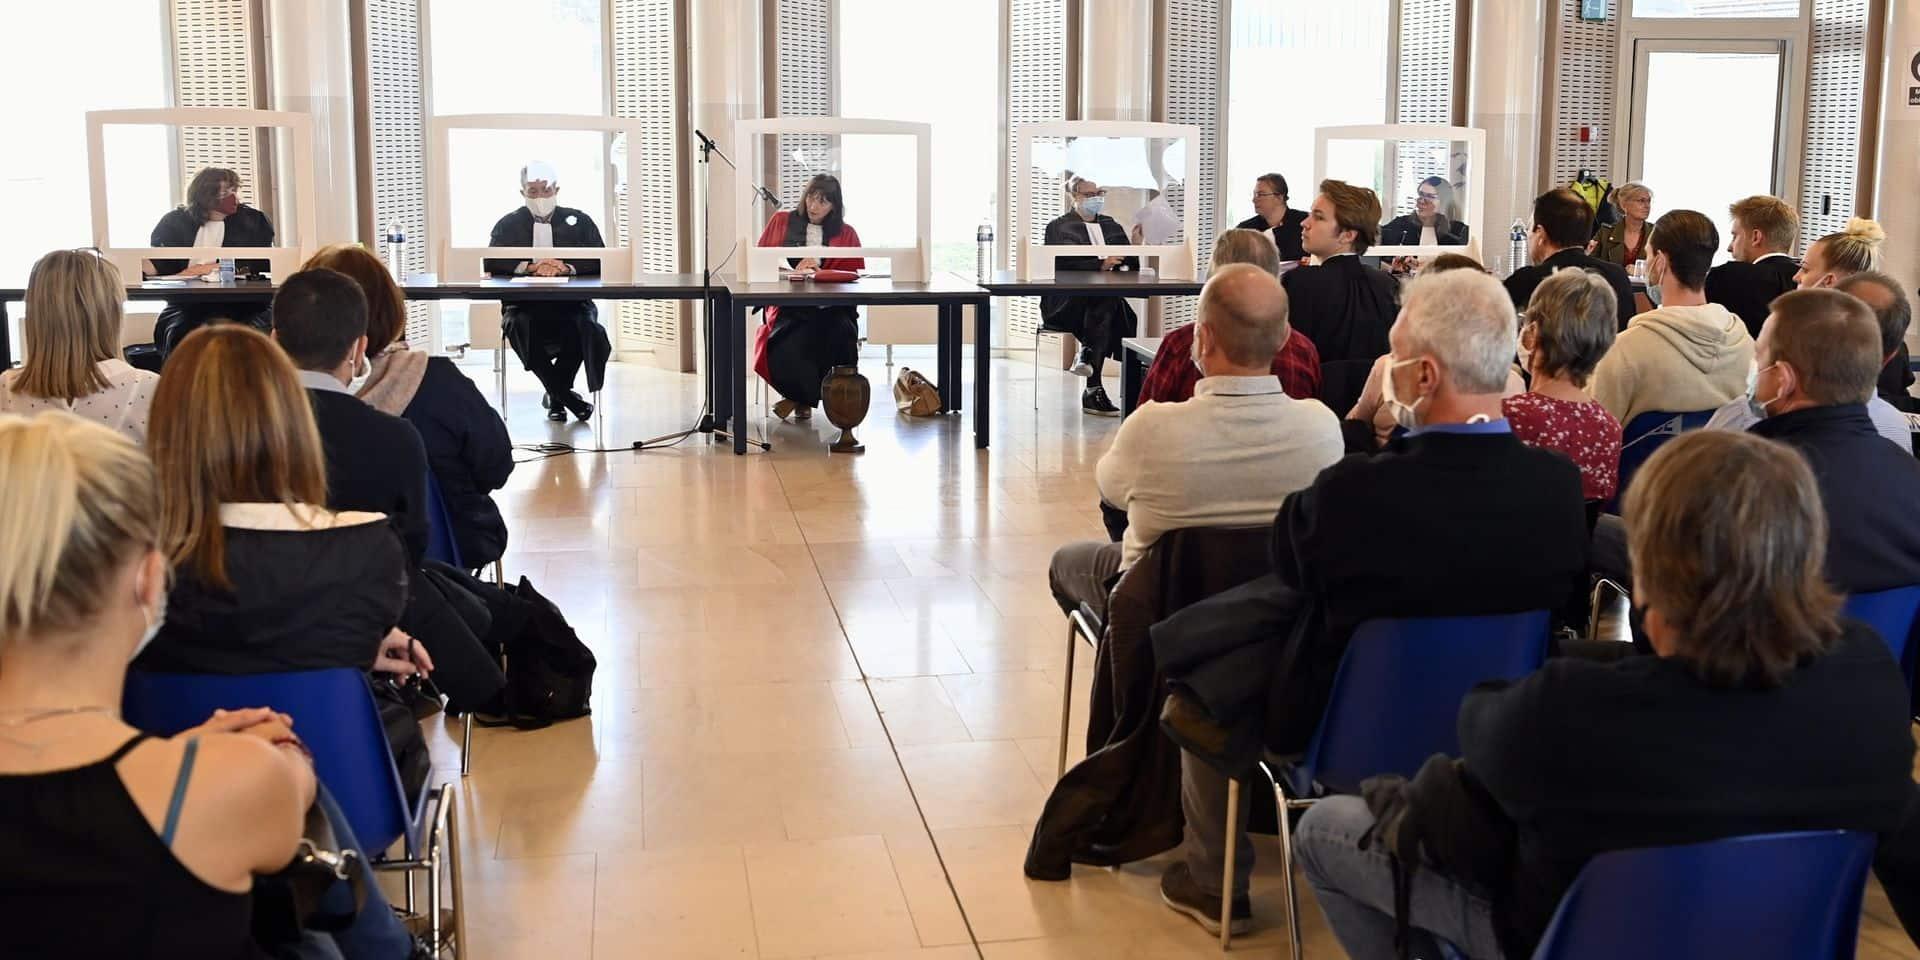 Assises de Liège : la victime était sous influence